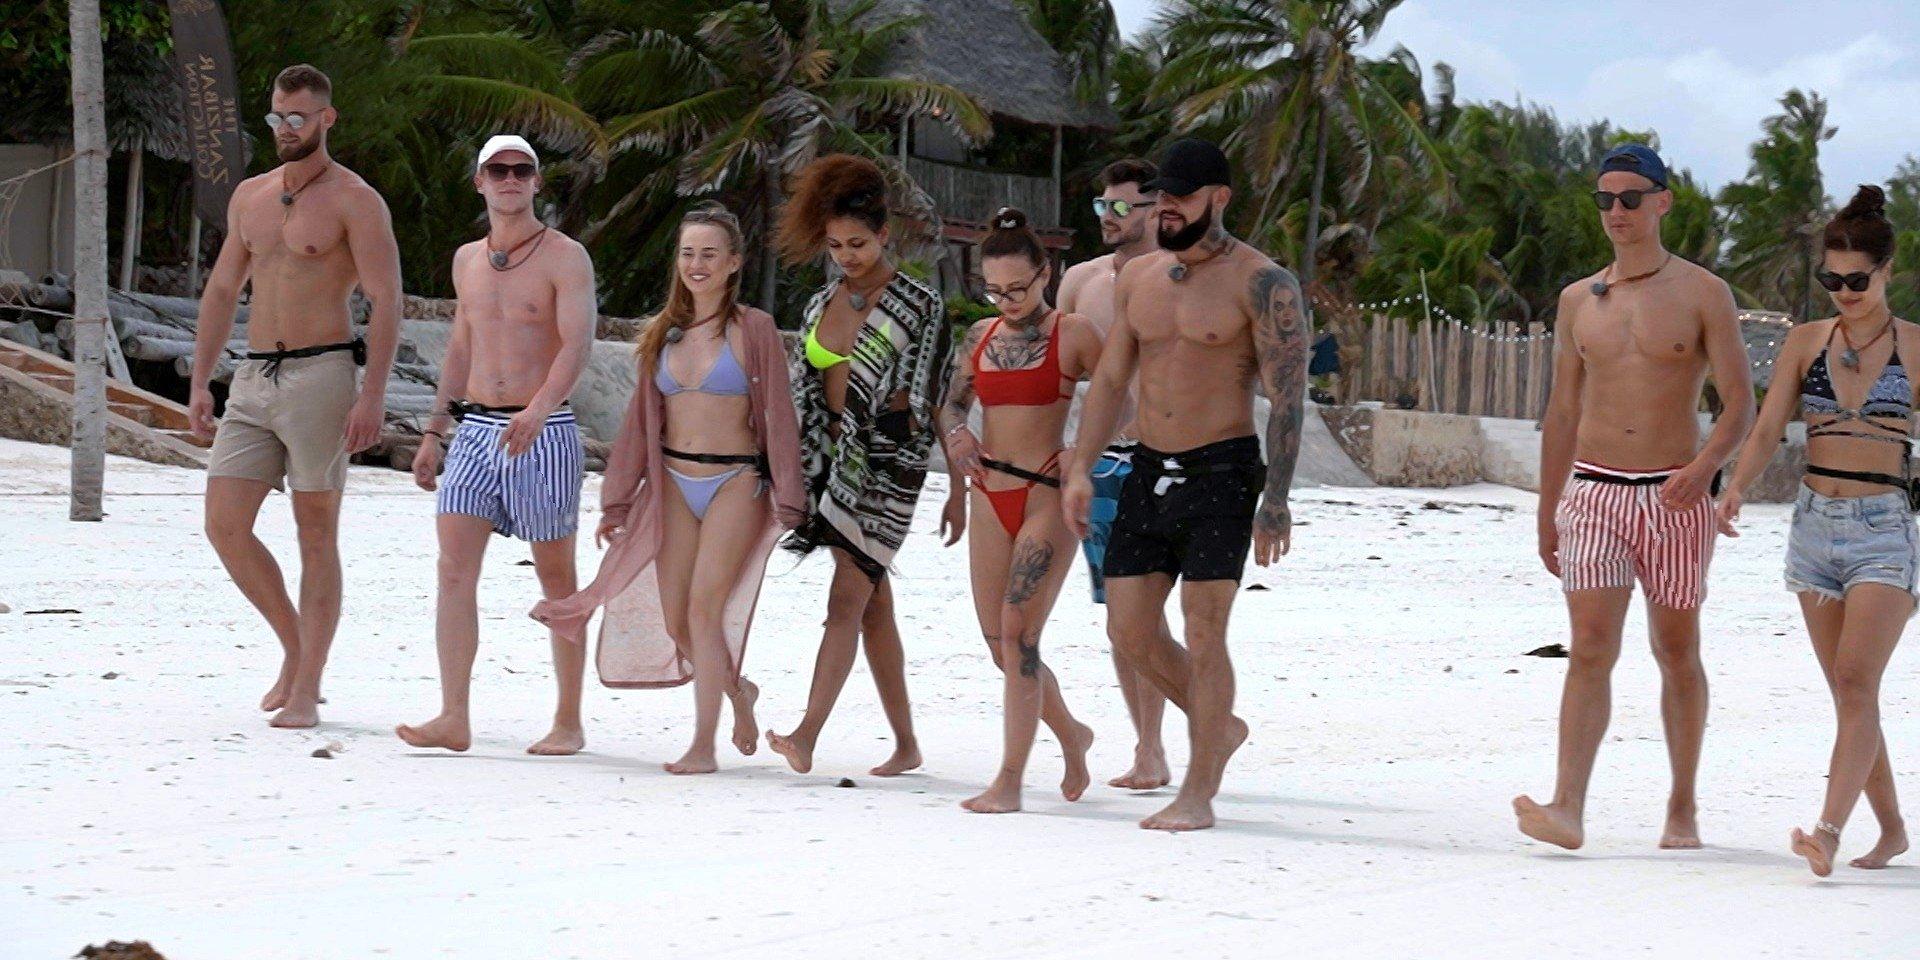 Hotel Paradise 4: CZY SINGIEL ROZBIJE JEDNĄ Z PAR JUŻ DRUGIEGO DNIA?